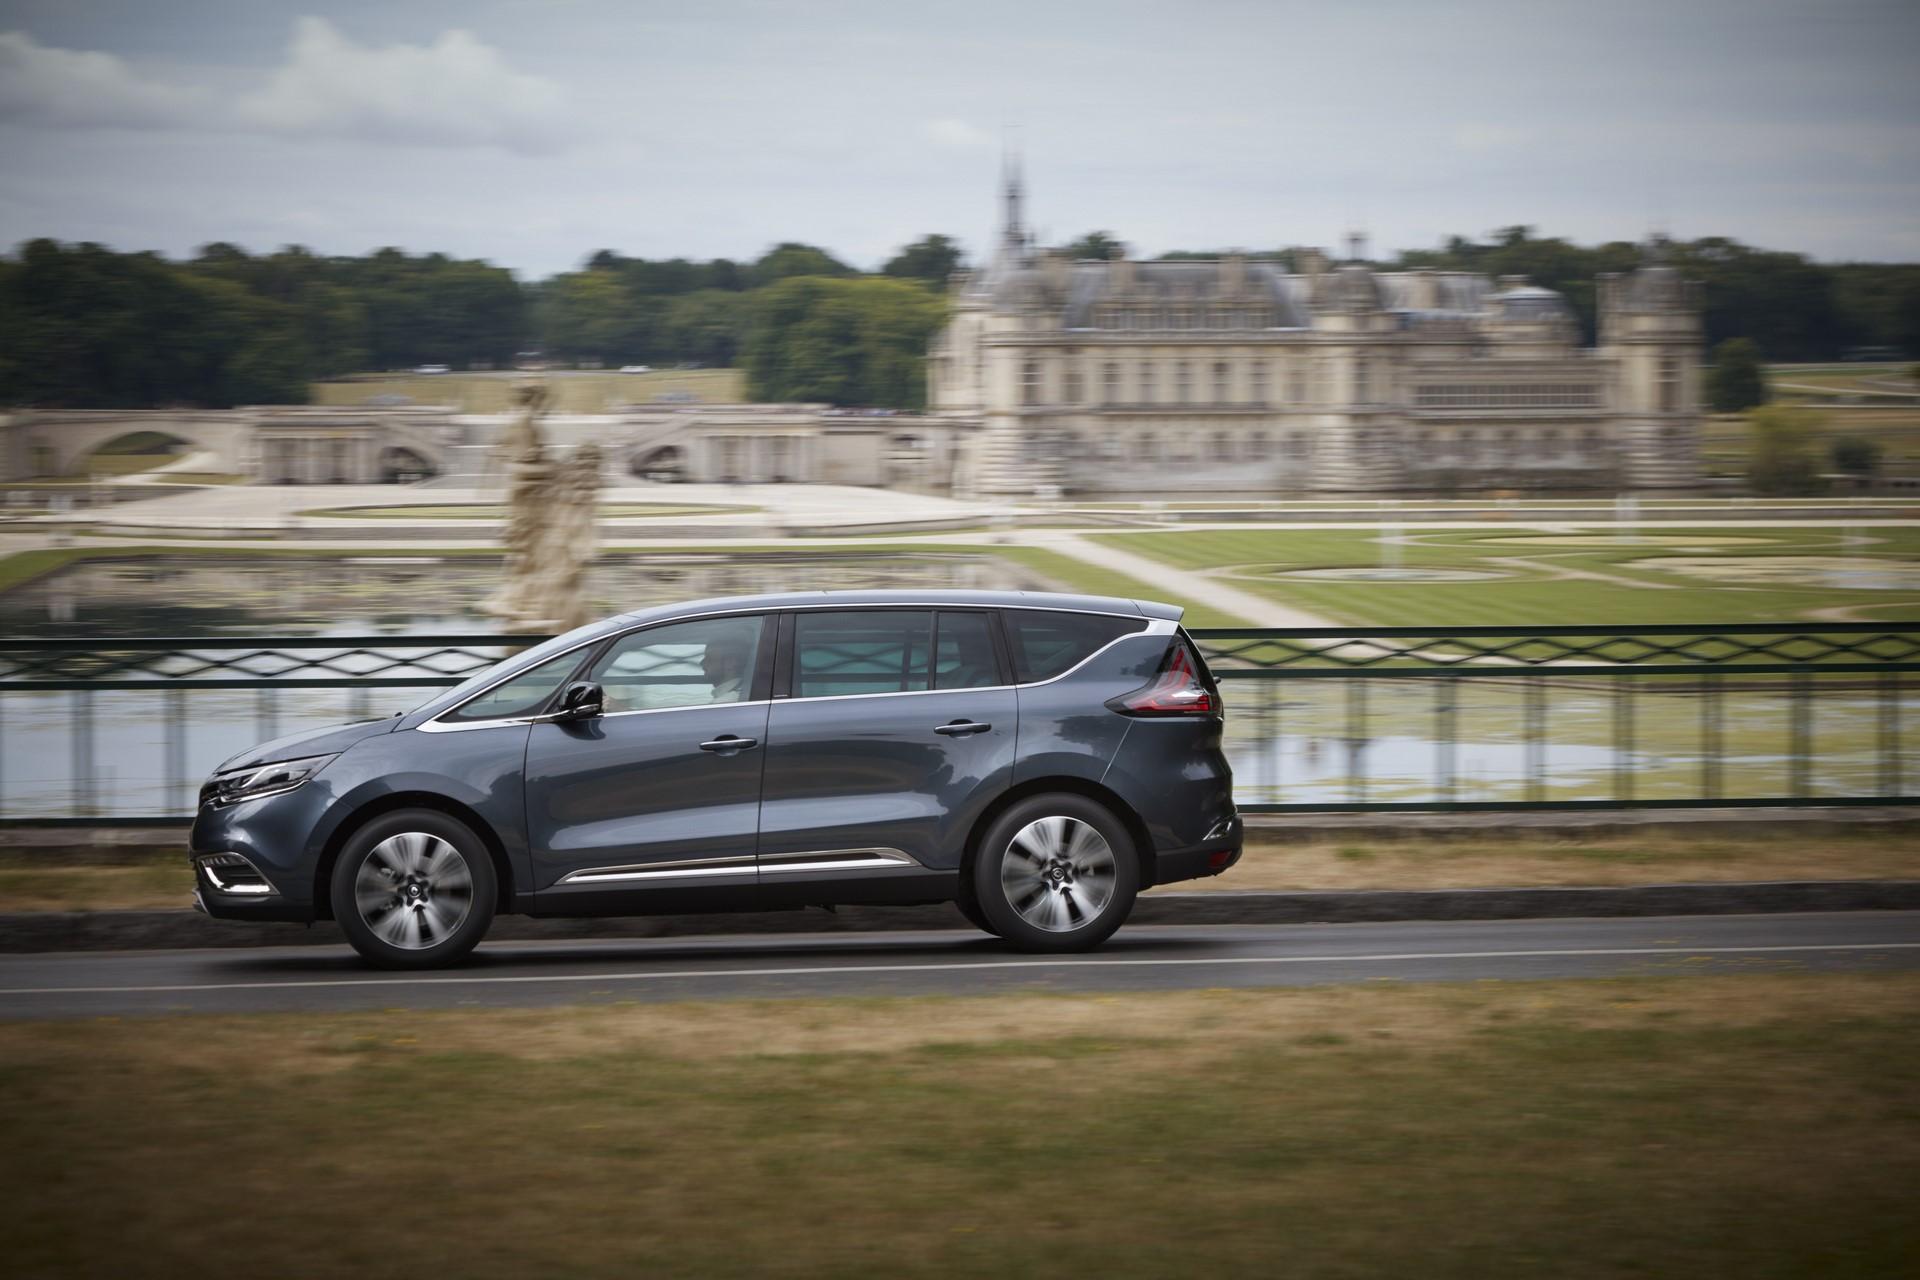 Renault_93236_global_en